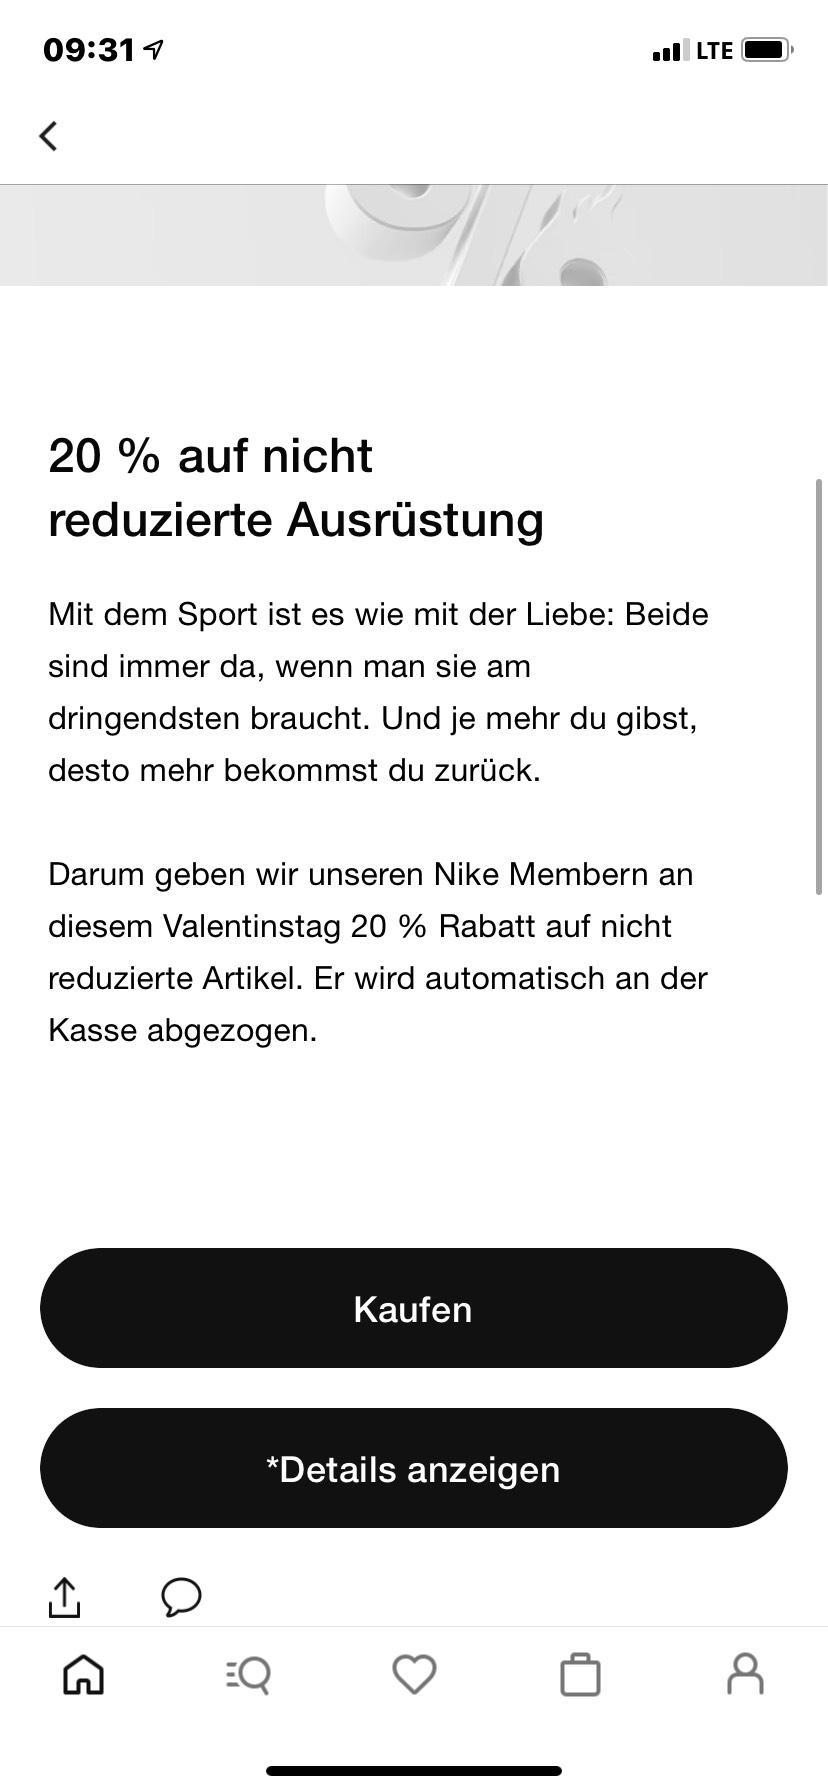 Nike 20% Rabatt auf nicht reduzierte Artikel